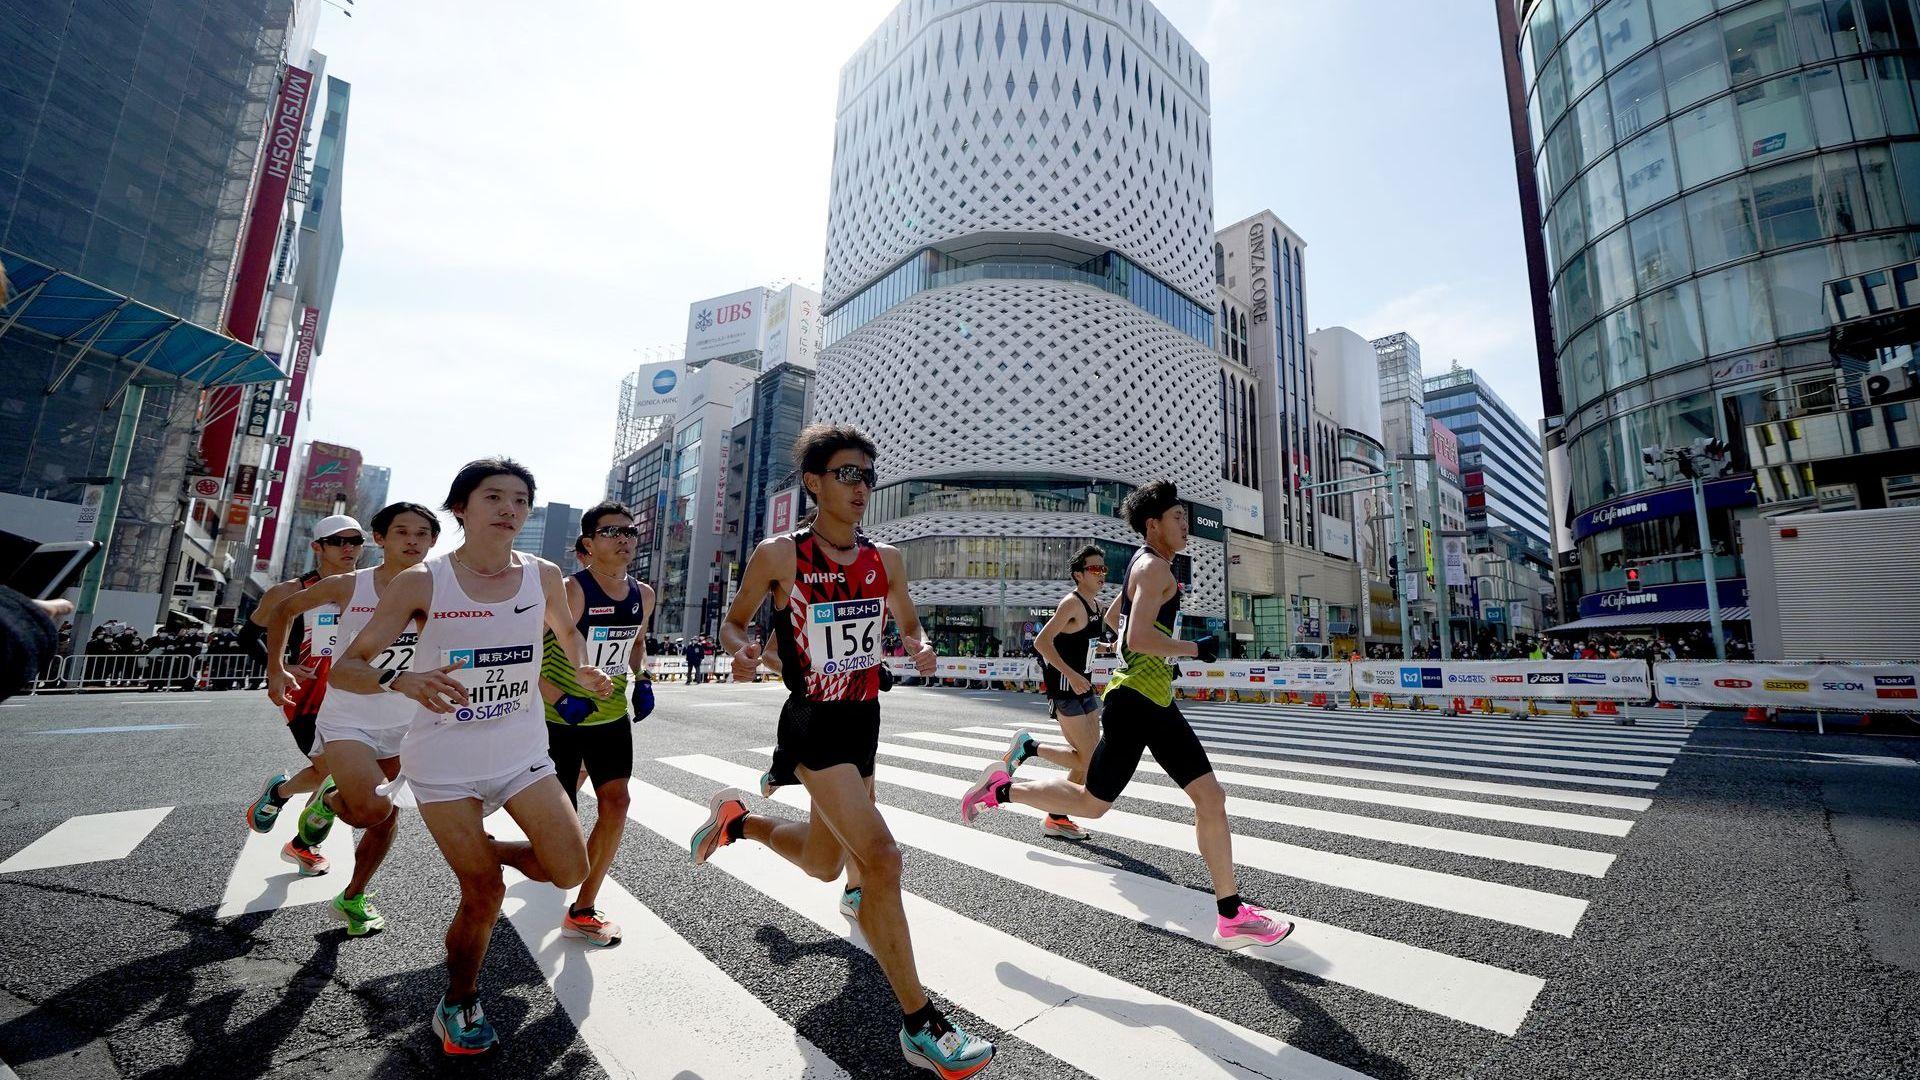 Тъжно - маратонът на Токио мина пред тихи и празни улици заради коронавируса